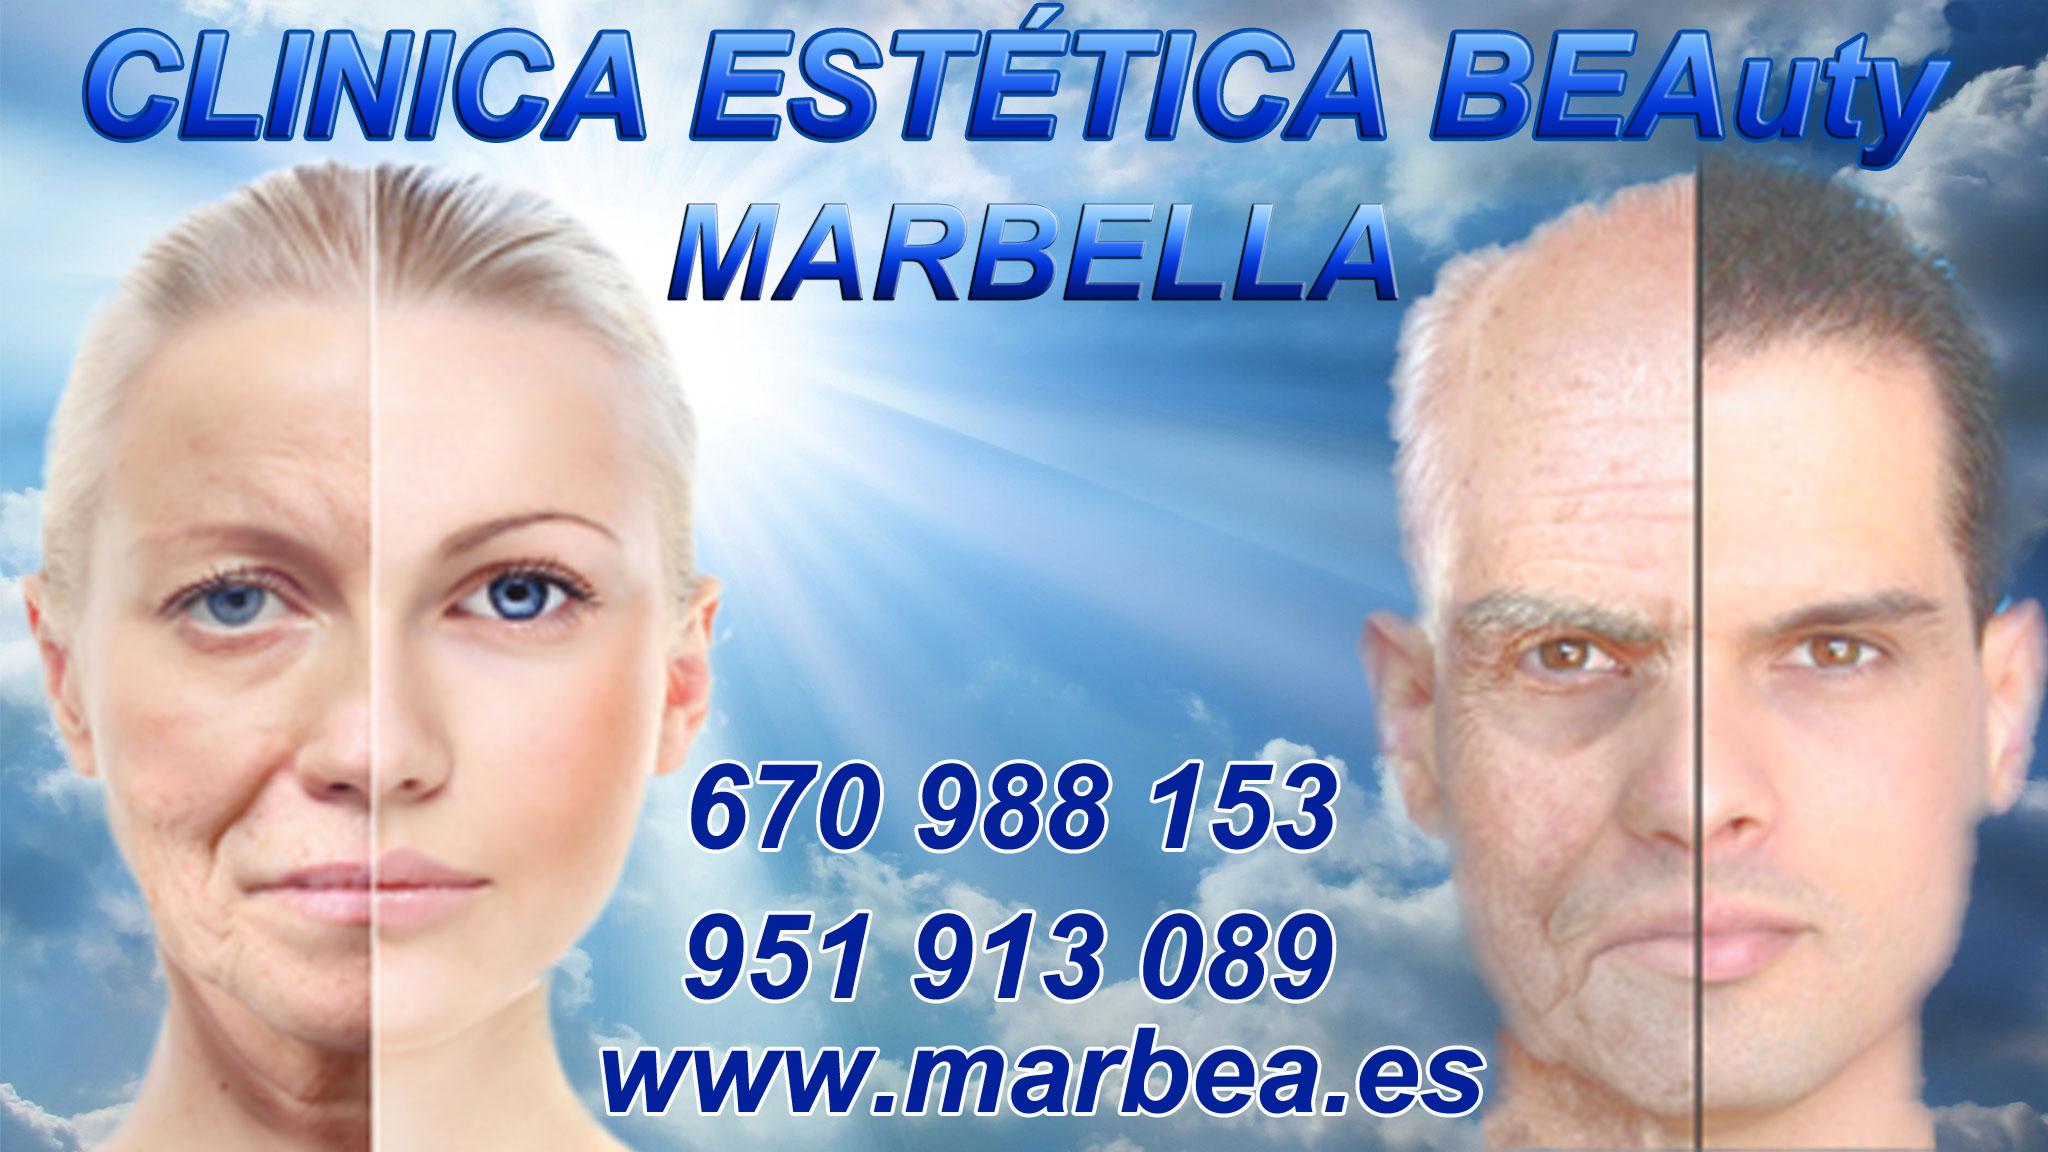 tratamientos para combatir la flacidez Marbella tratamientos para combatir la flacidez Marbella, los mejores tratamientos contra la flacidez Marbella. eliminar flacidez facial Marbella, eliminar flacidez cuello Marbella. , eliminar la flacidez en las piernas y muslos Marbella .|combatir la flacidez Marbella. tratamiento más efectivo para tratar la flacidez Marbella.